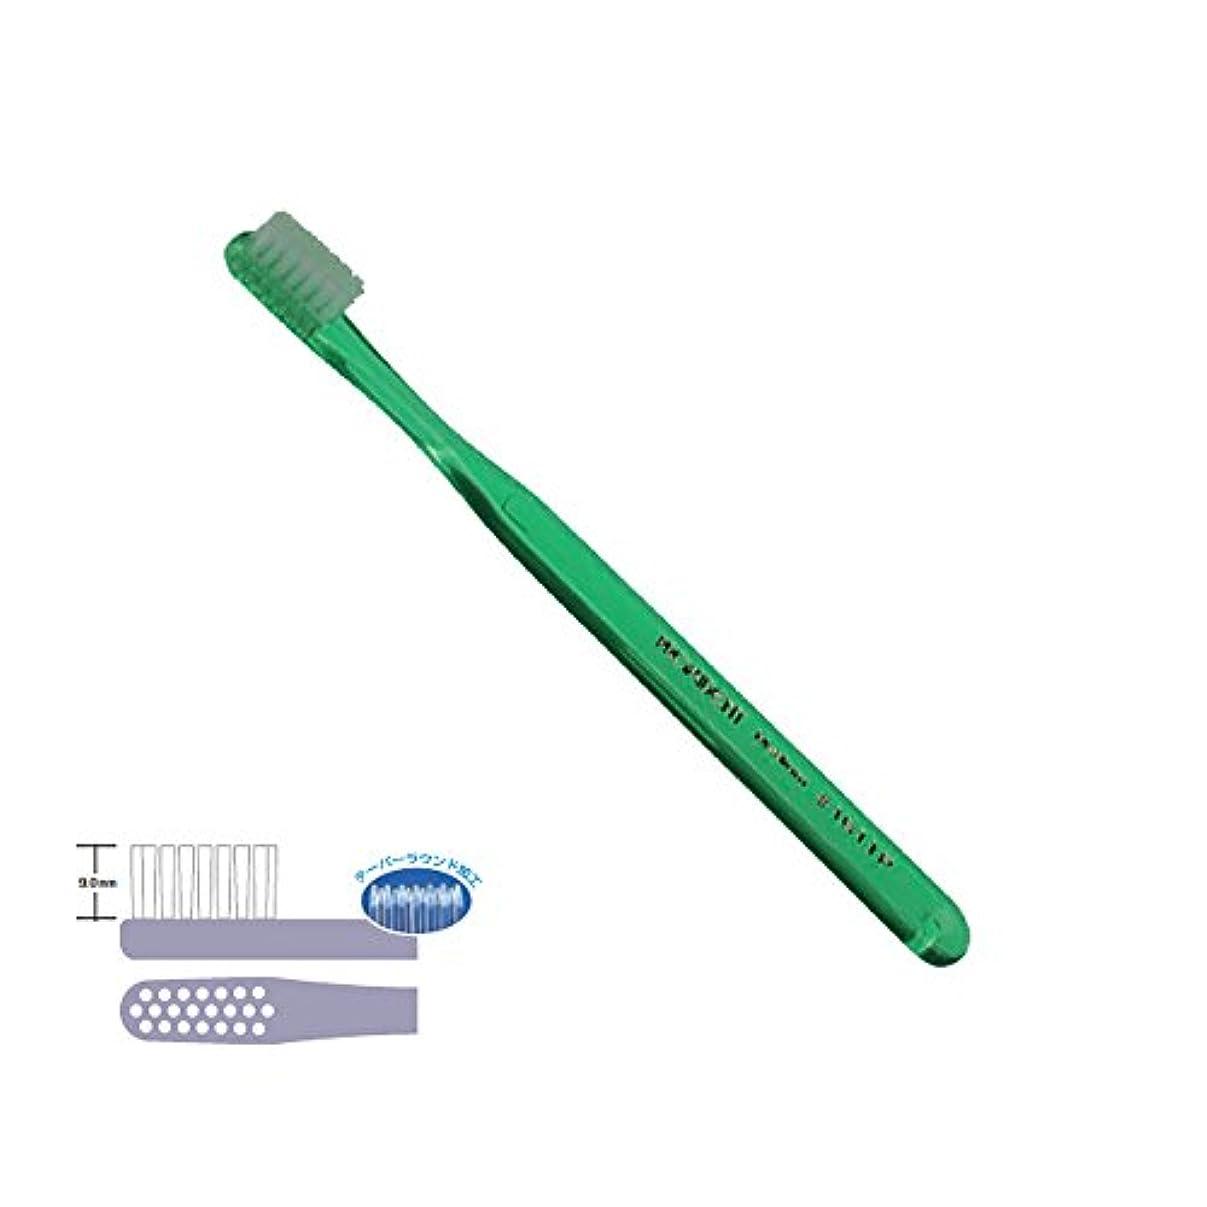 今滑る永久プローデント プロキシデント #1611P 歯ブラシ 50本入 10本 × 5色 【コンパクトヘッド】【ミディアム】【キャップ付】